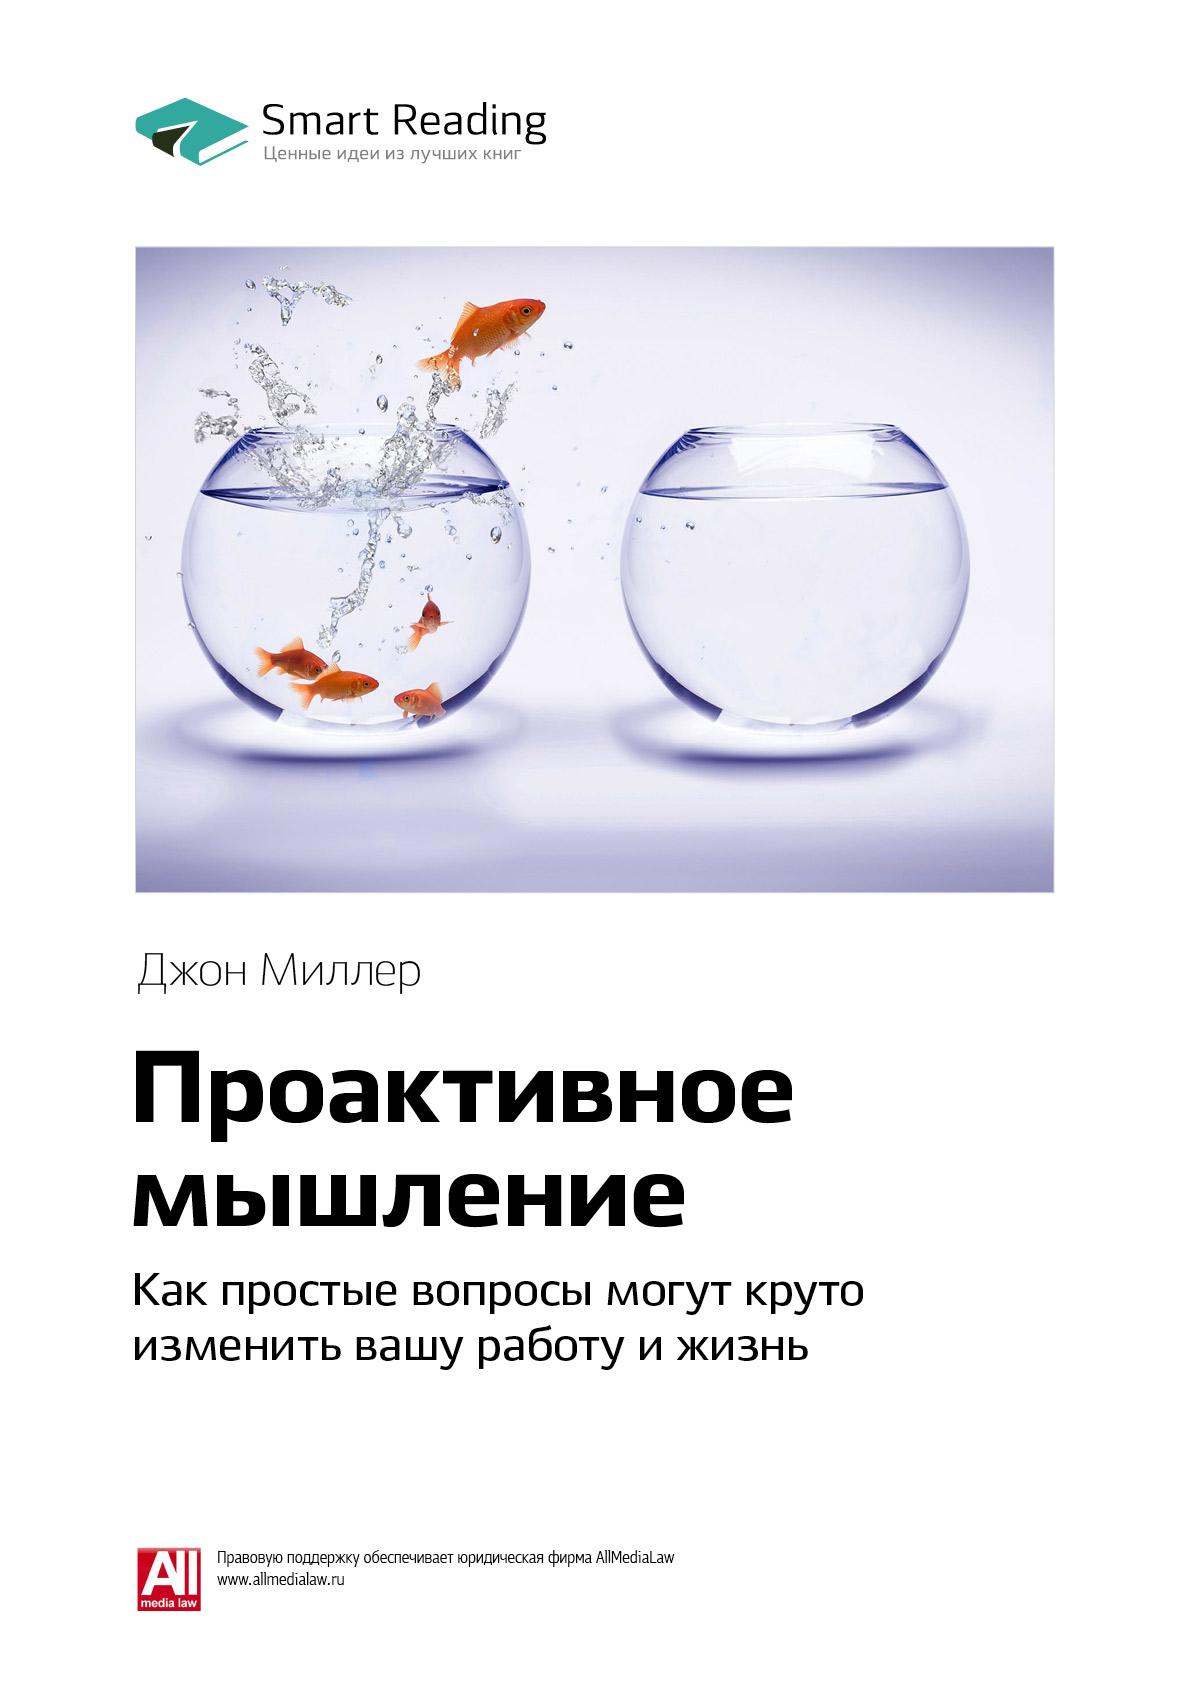 Краткое содержание книги: Проактивное мышление. Как простые вопросы могут круто изменить вашу работу и жизнь. Джон Миллер